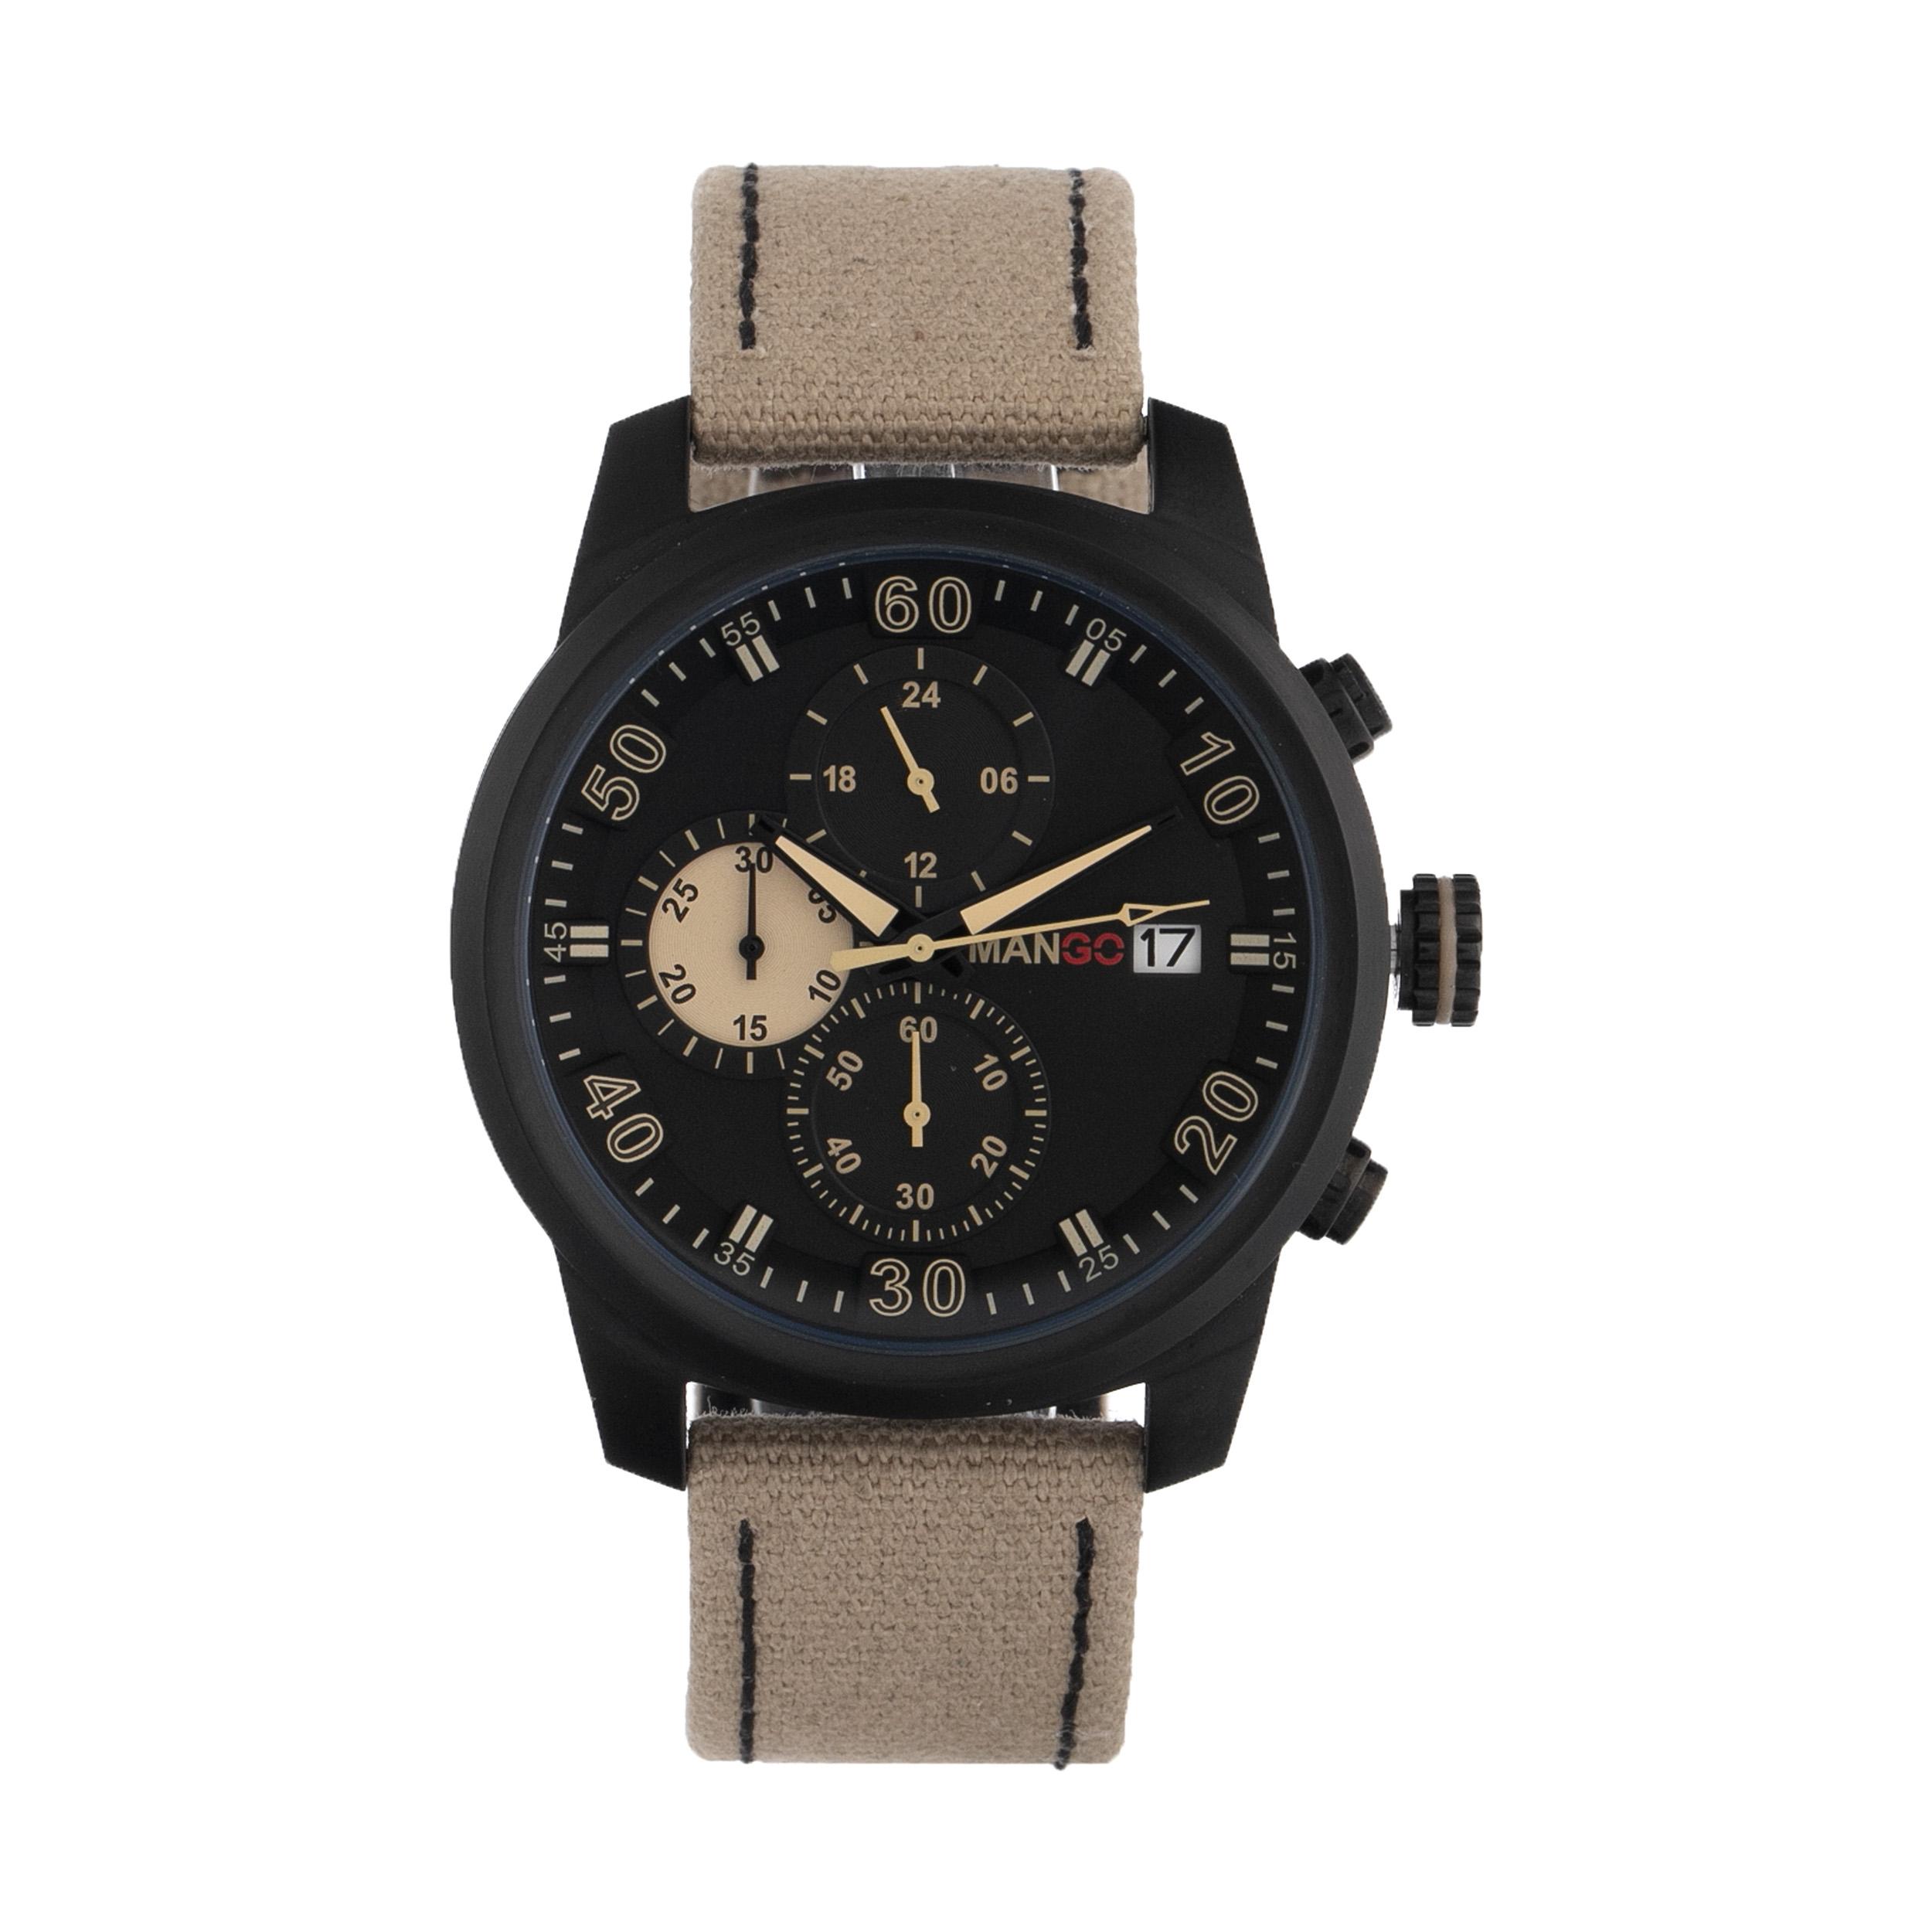 ساعت مچی عقربه ای مردانه مدل MG950001-88